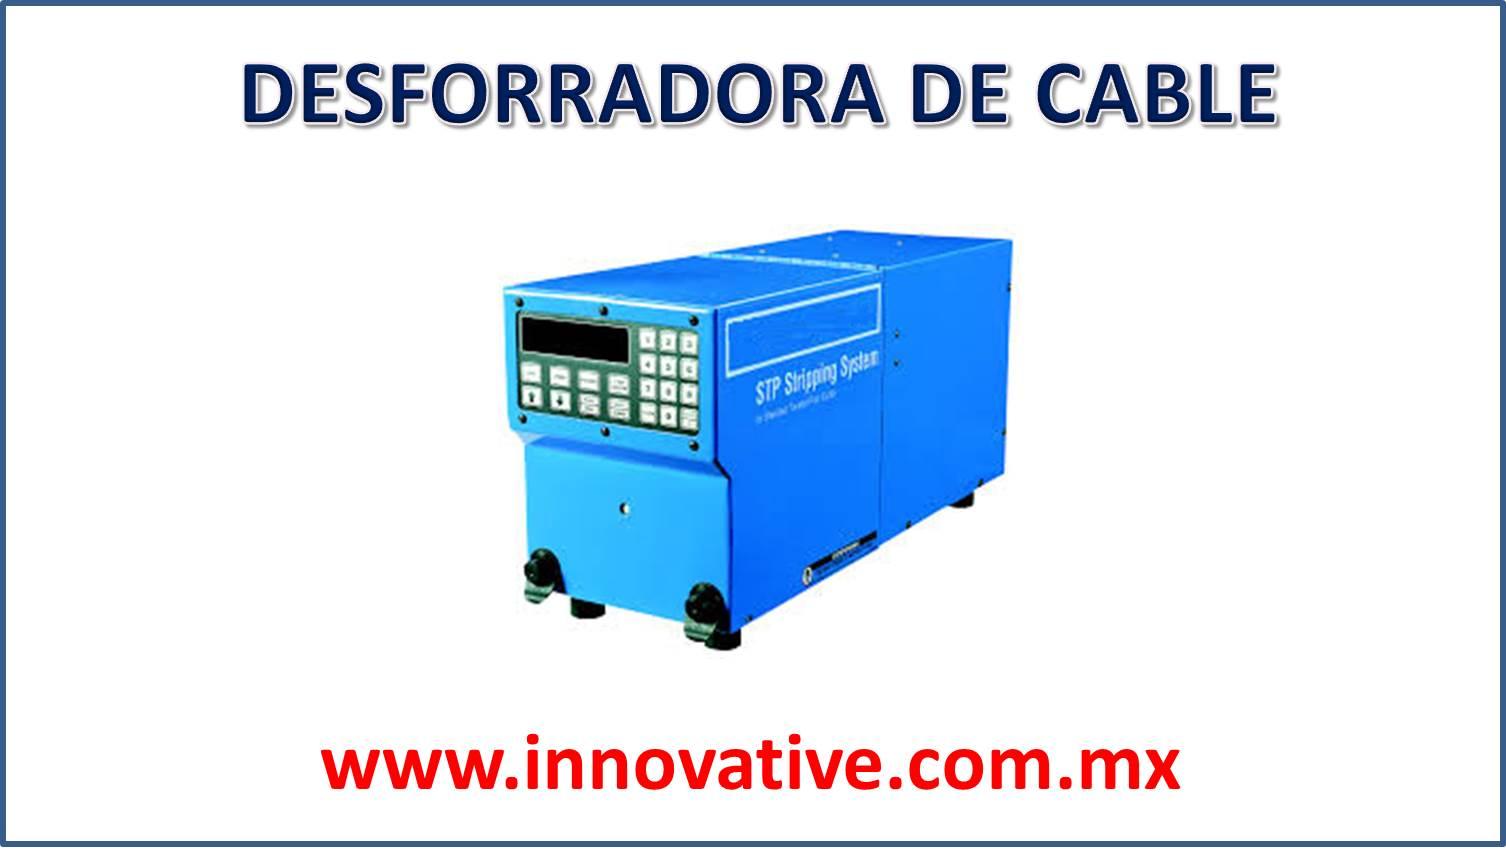 DESFORRADORA DE CABLE